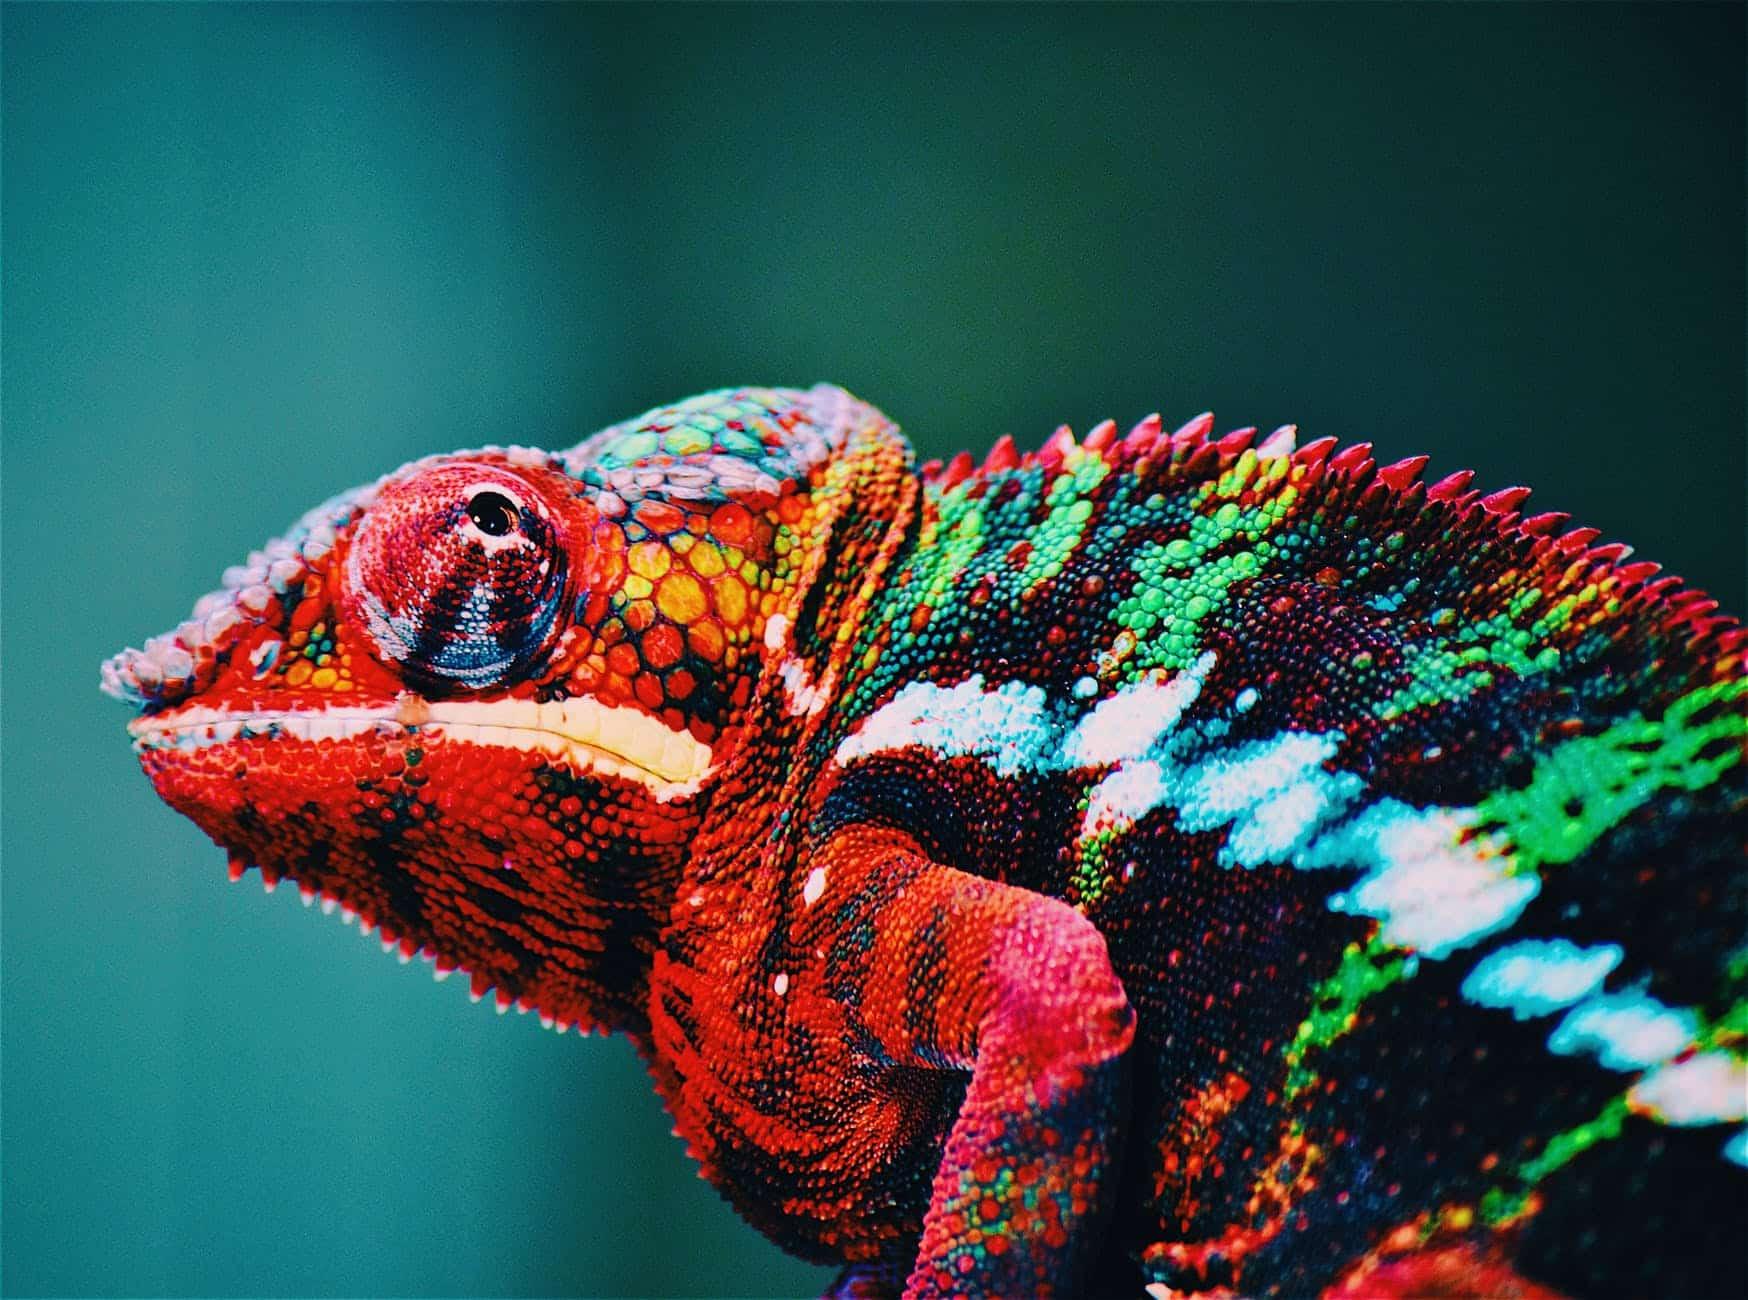 caméléon lézard animal changer couleur